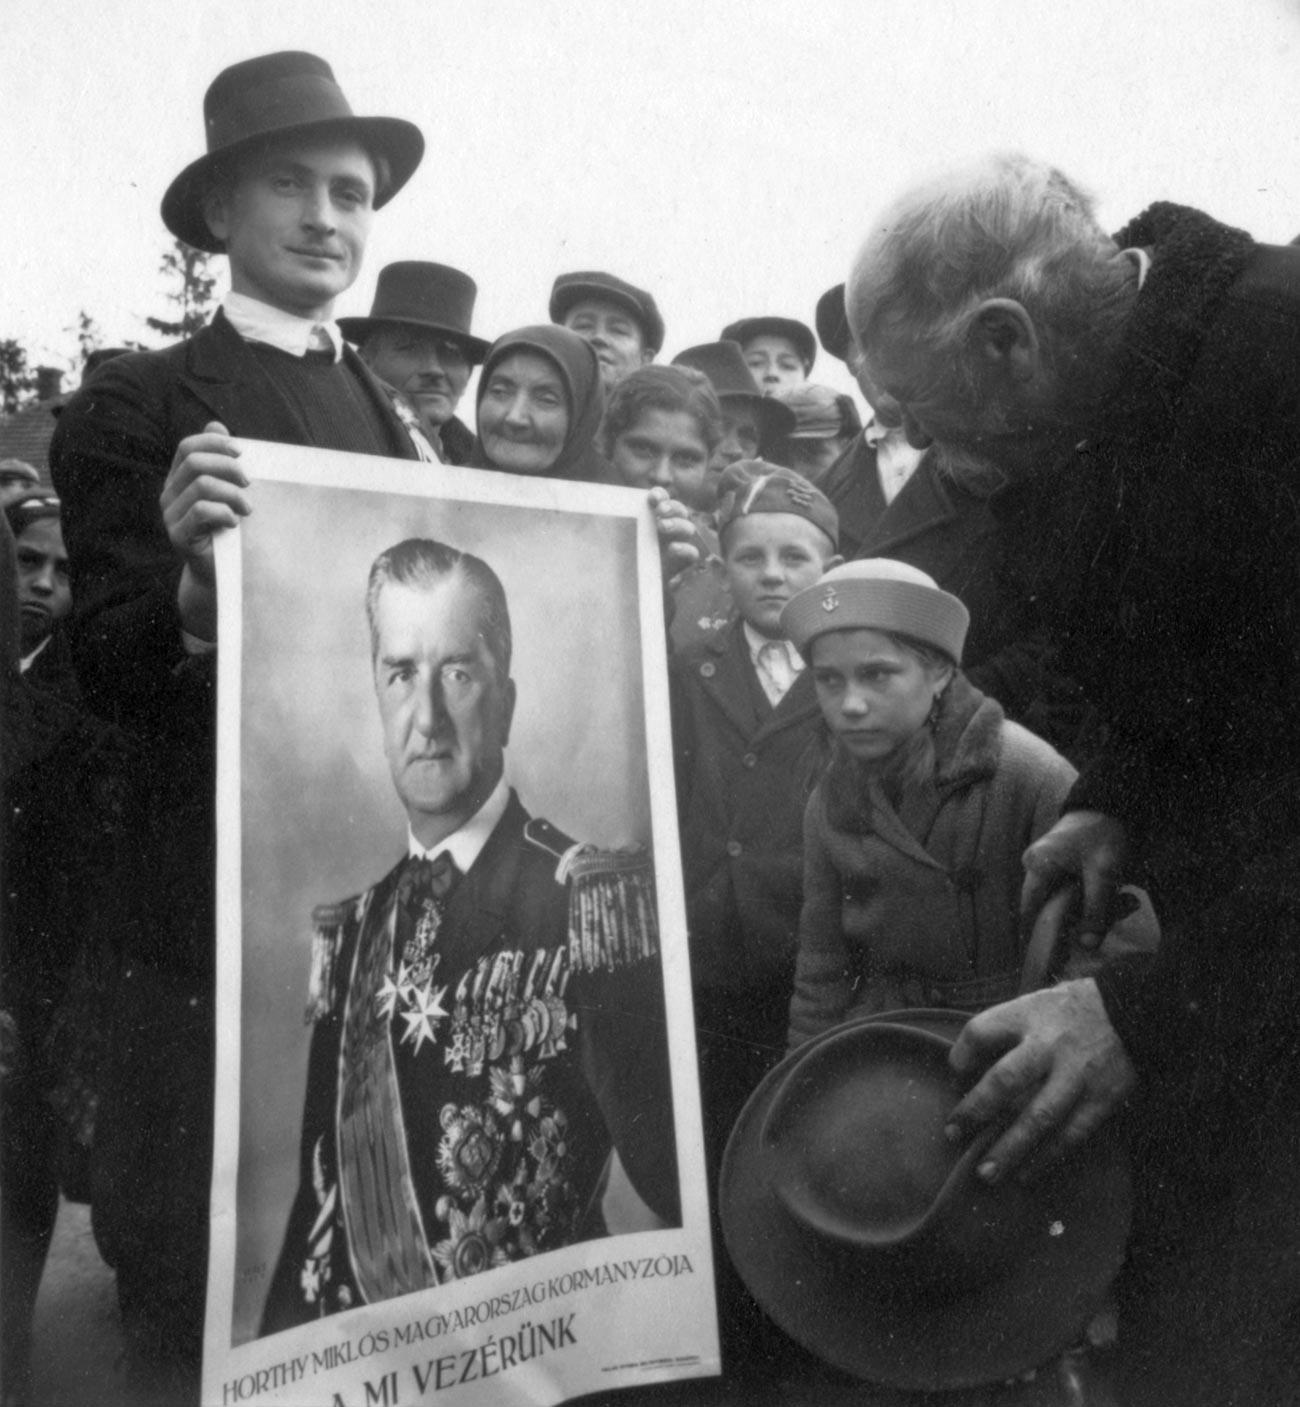 Une affiche avec le portrait de Miklós Horthy, militaire et homme d'État hongrois